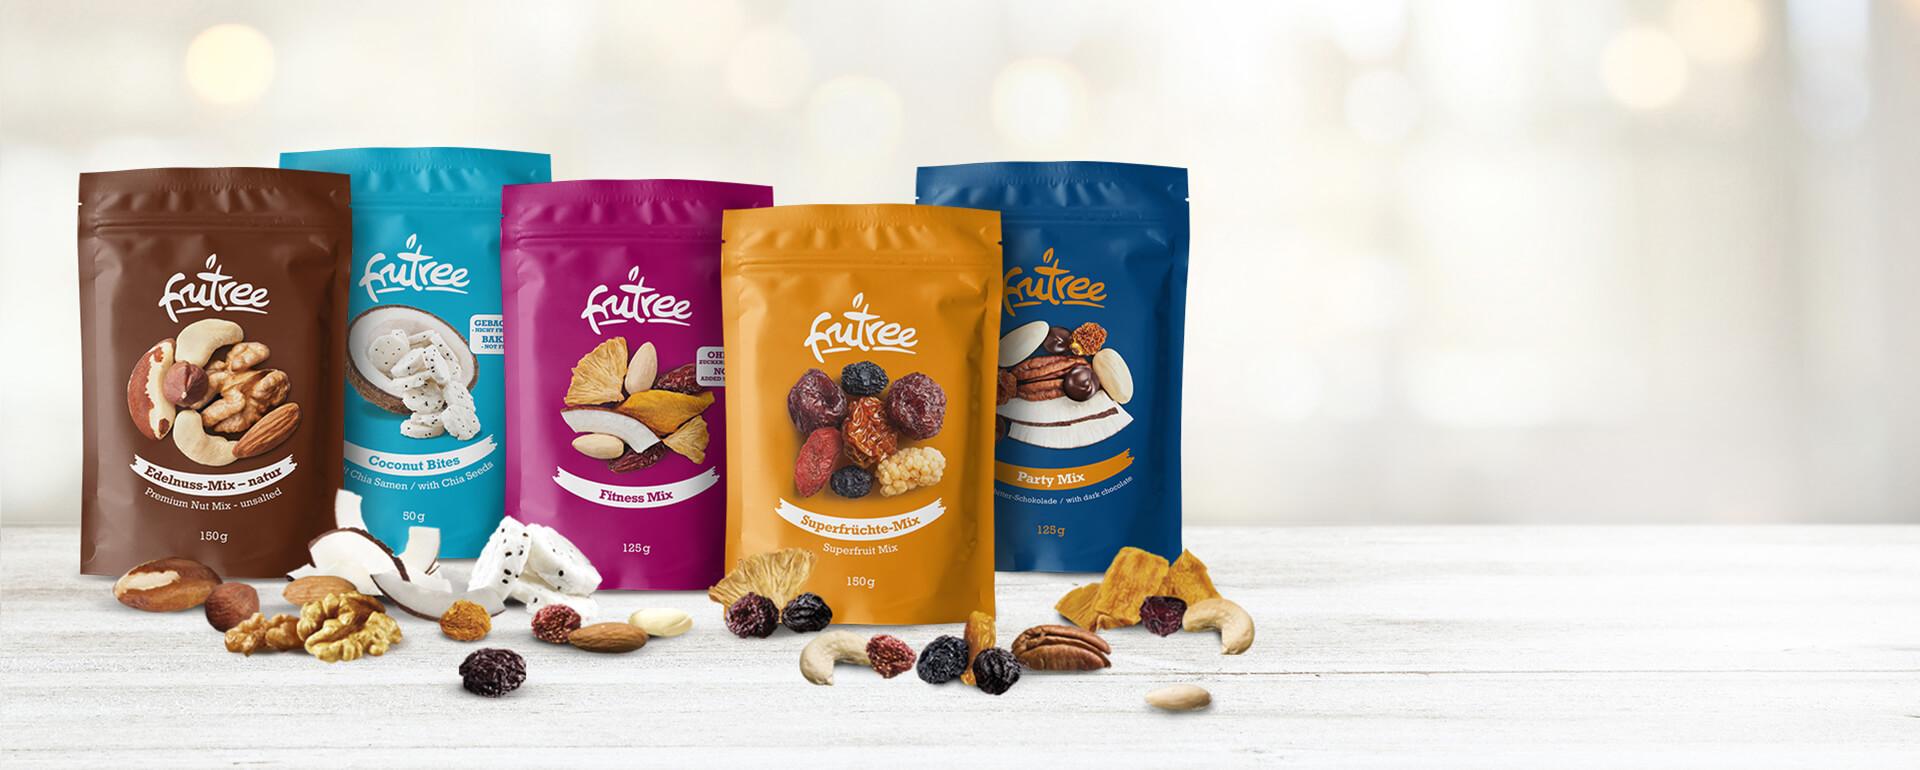 Ochutnajte čistú a prírodnú chuť sušeného ovocia a orechov priamo z baliarne | Frutree